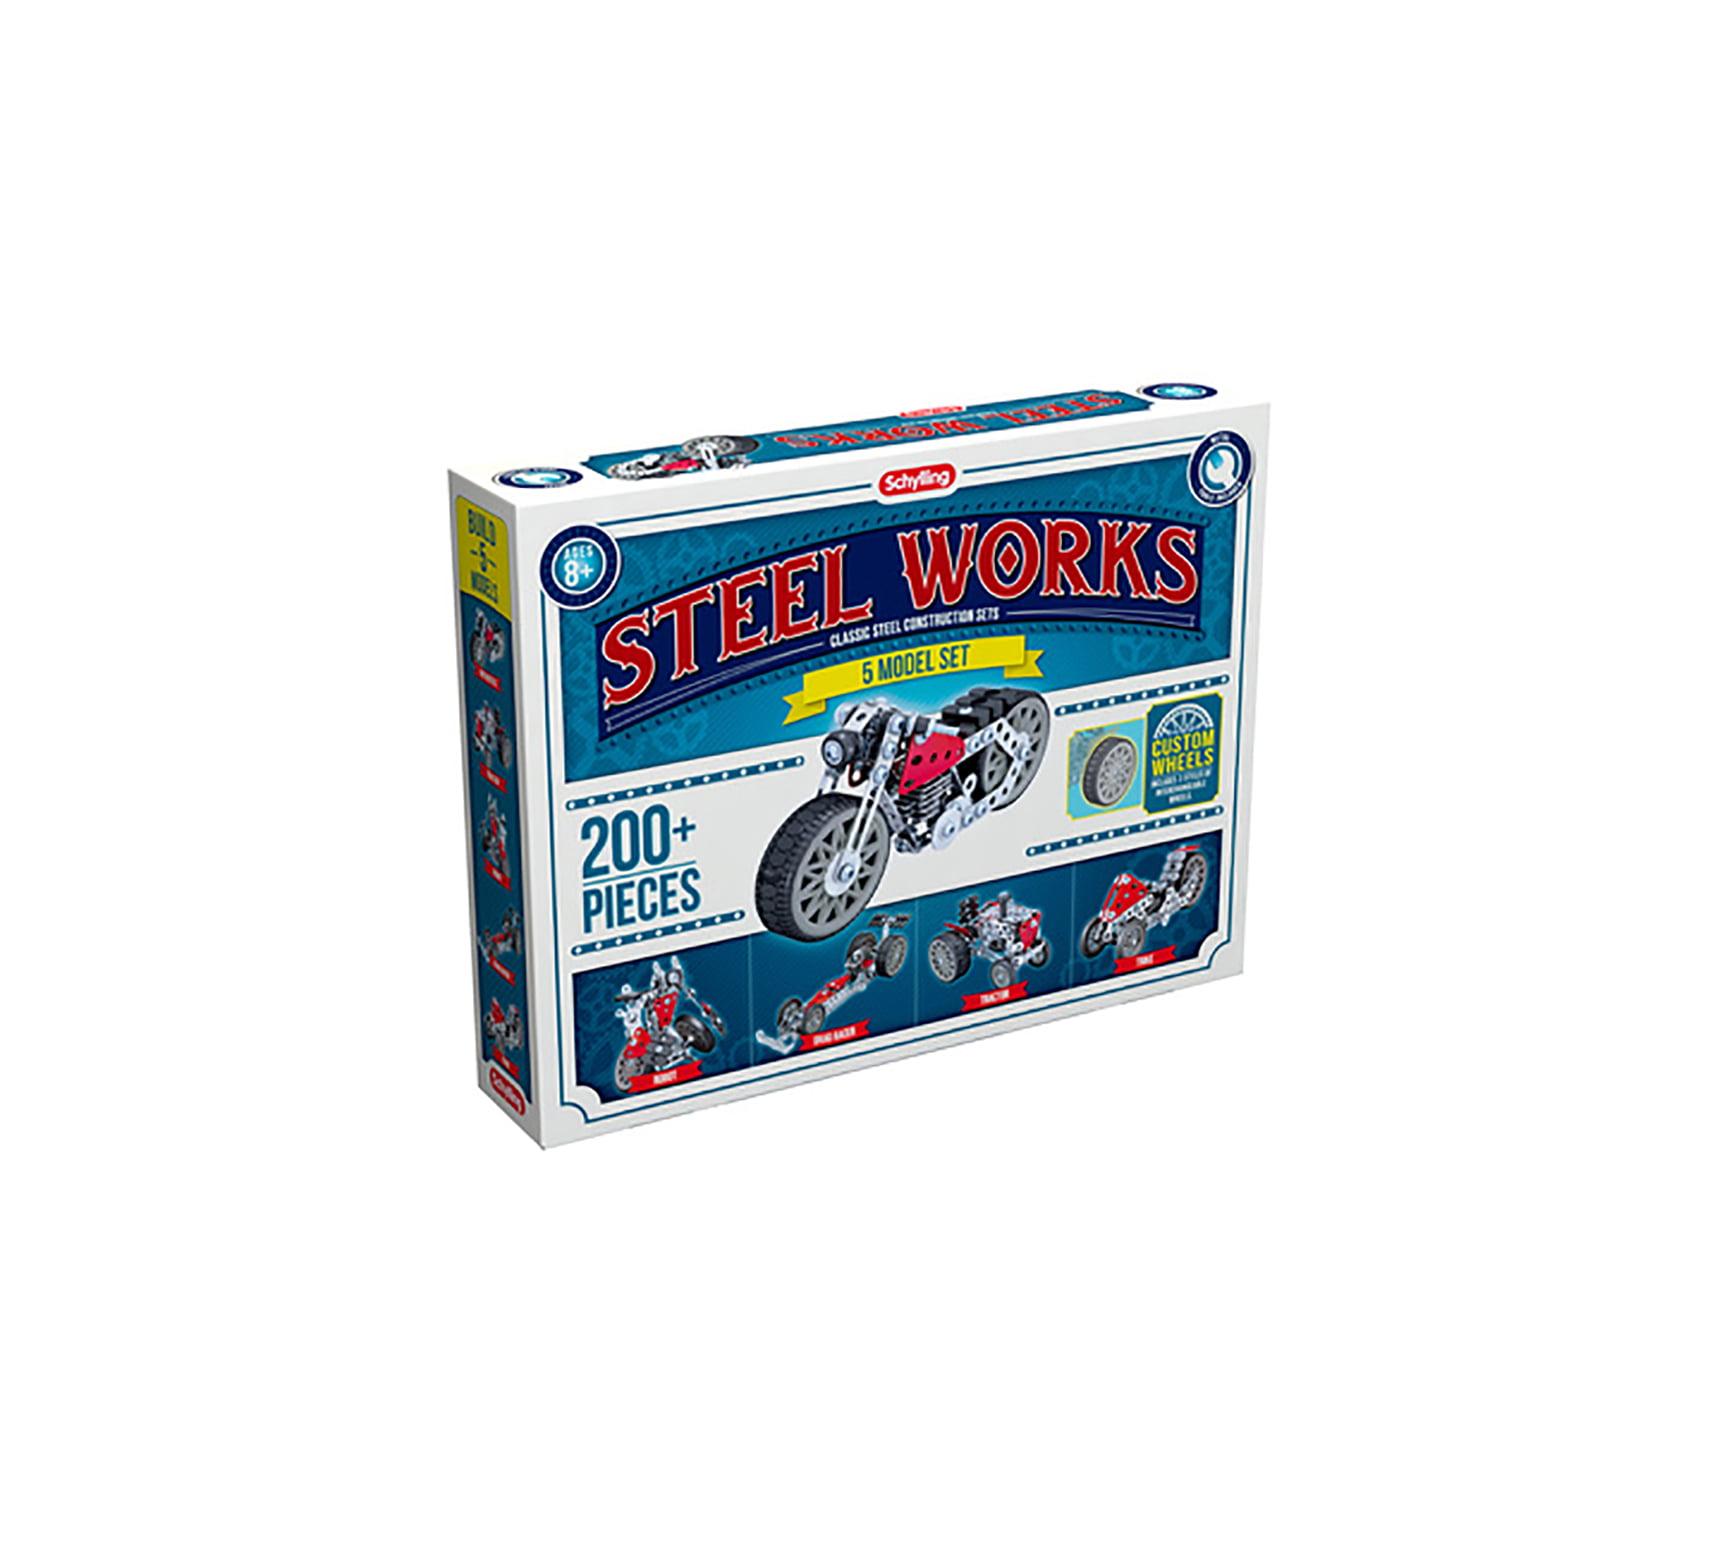 Steel Works 5 Model Set by Schylling/Steel Works